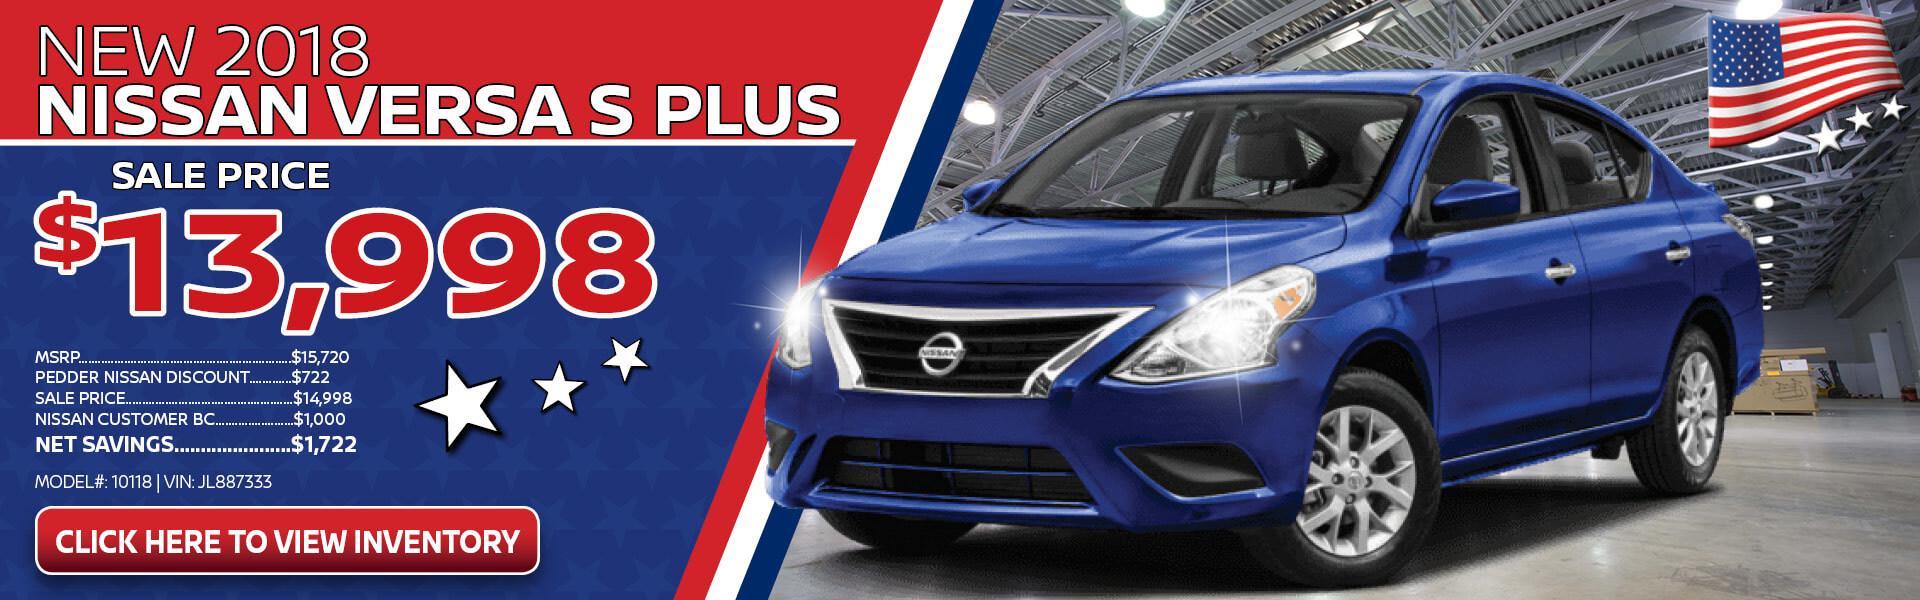 Nissan Versa $13,998 Purchase